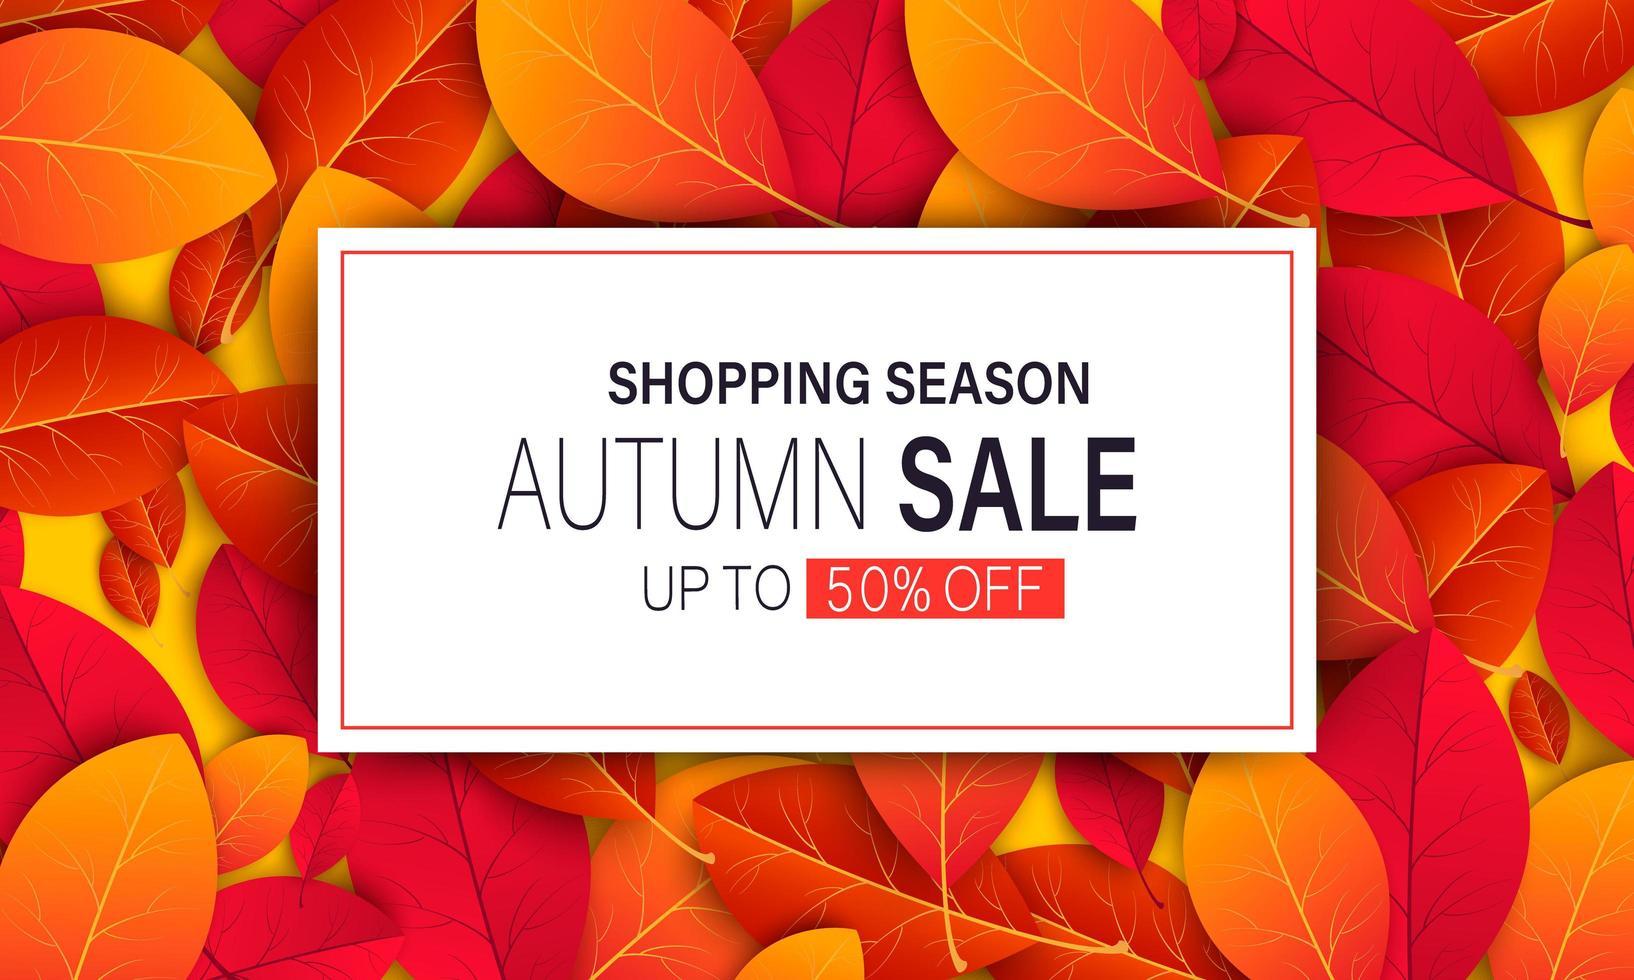 banner para venda outono com folhas de outono colorido vetor